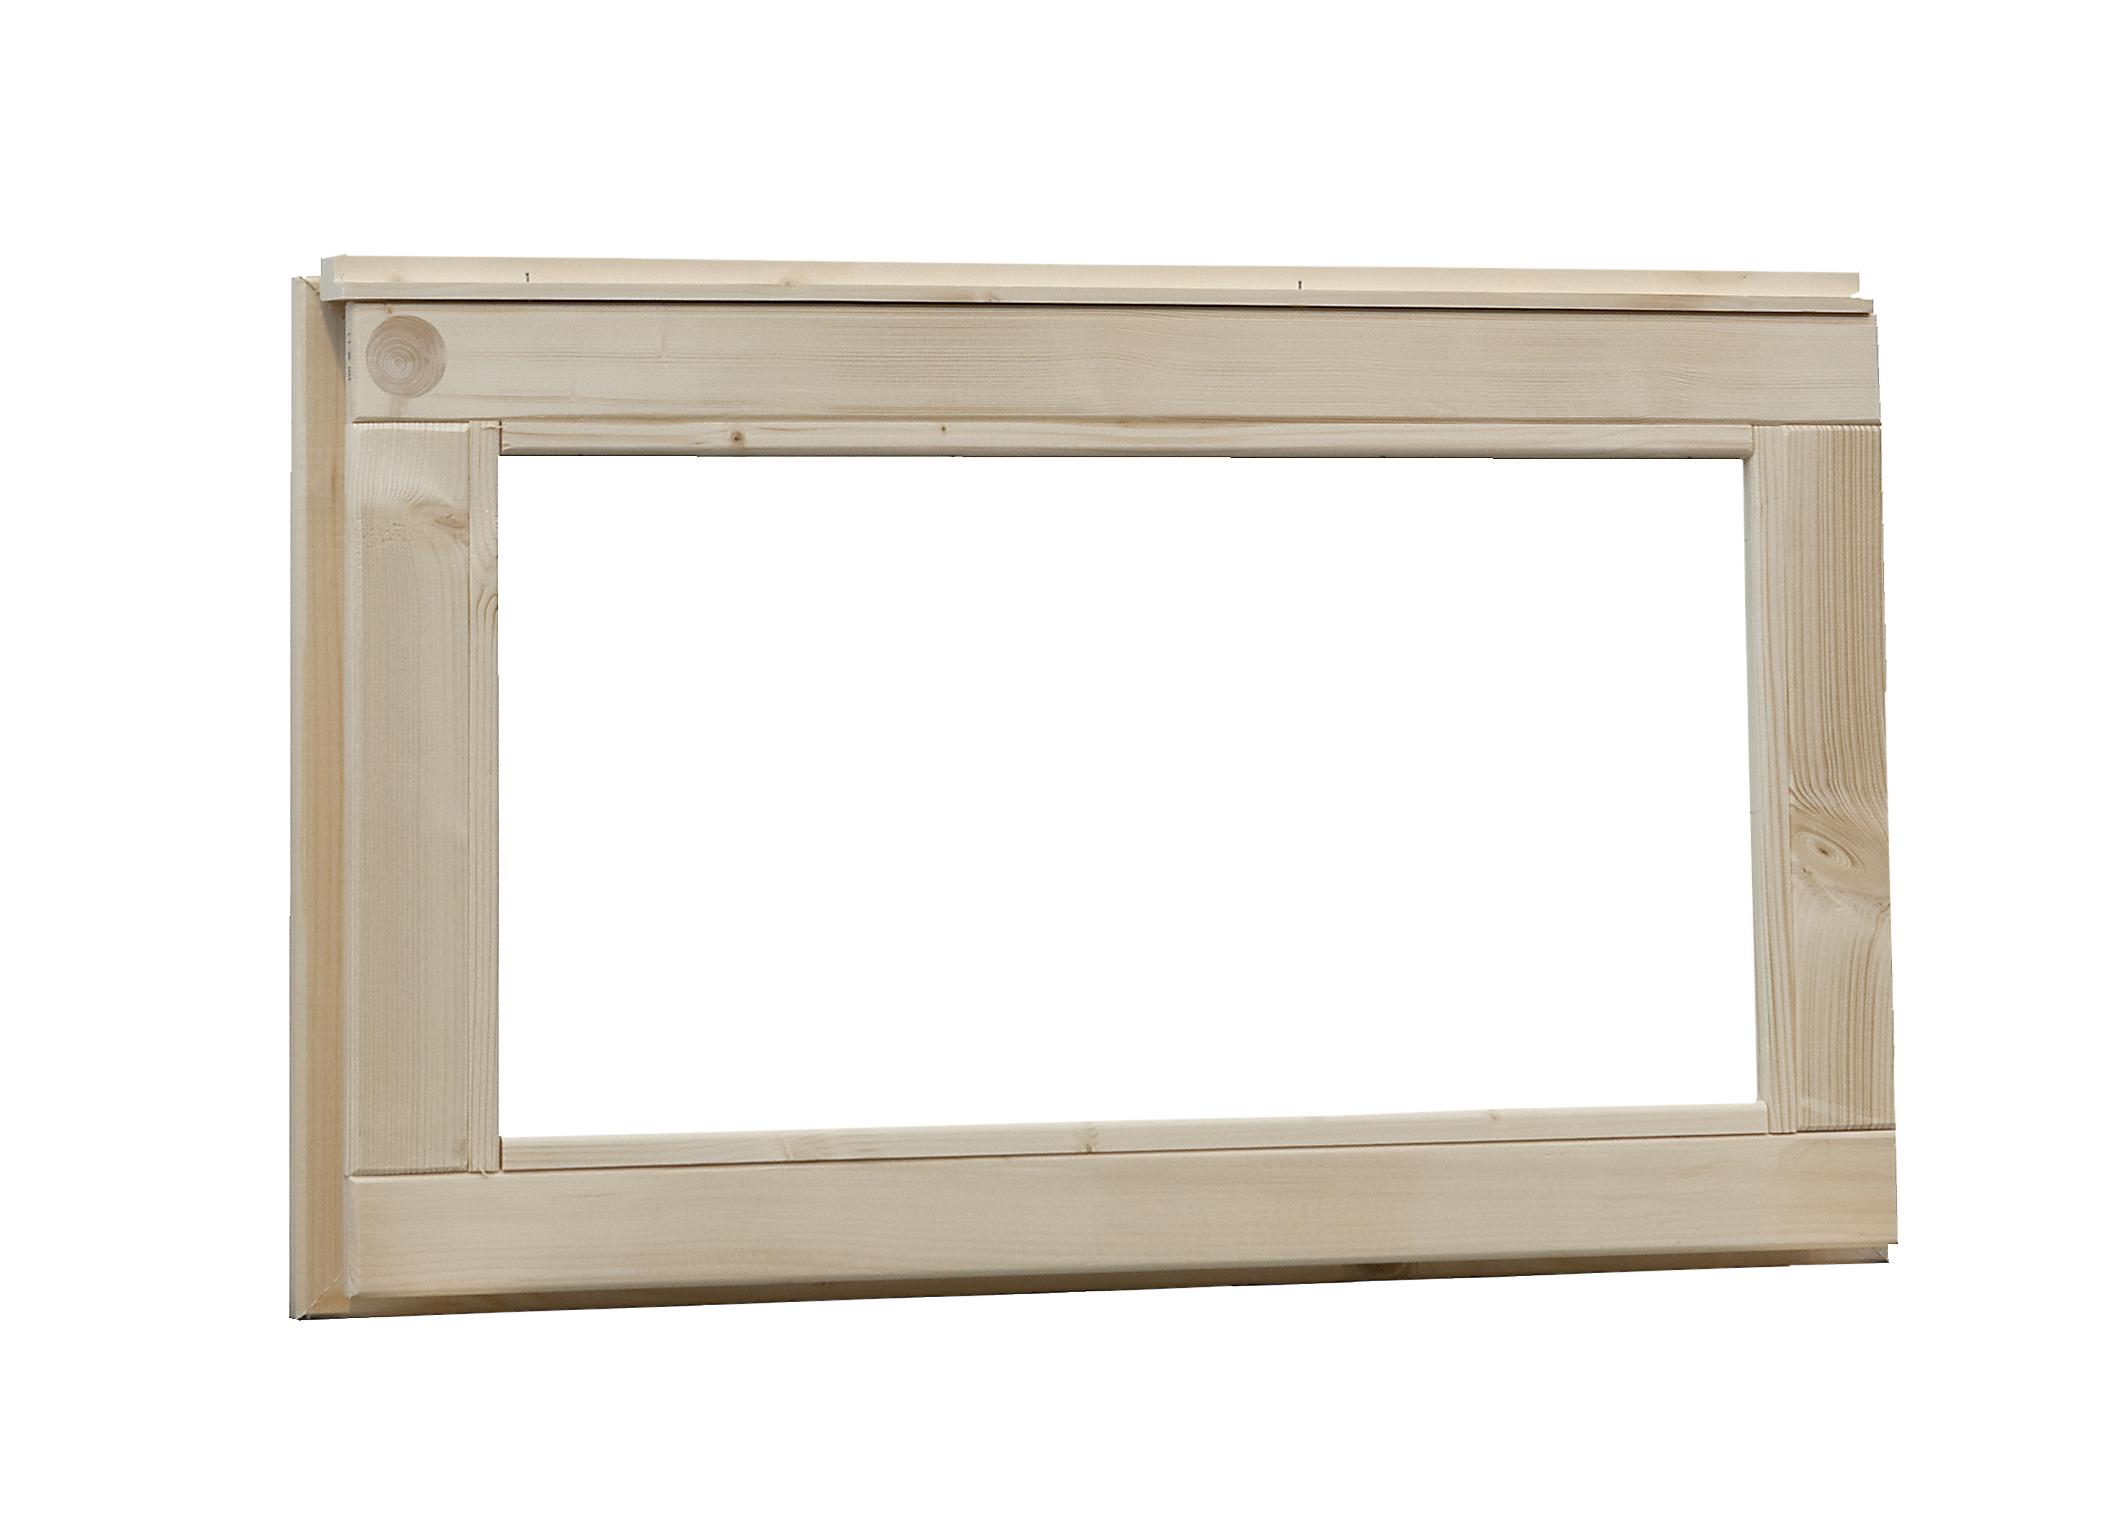 Woodvision   Vast raam met melkglas   Geïmpregneerd groen